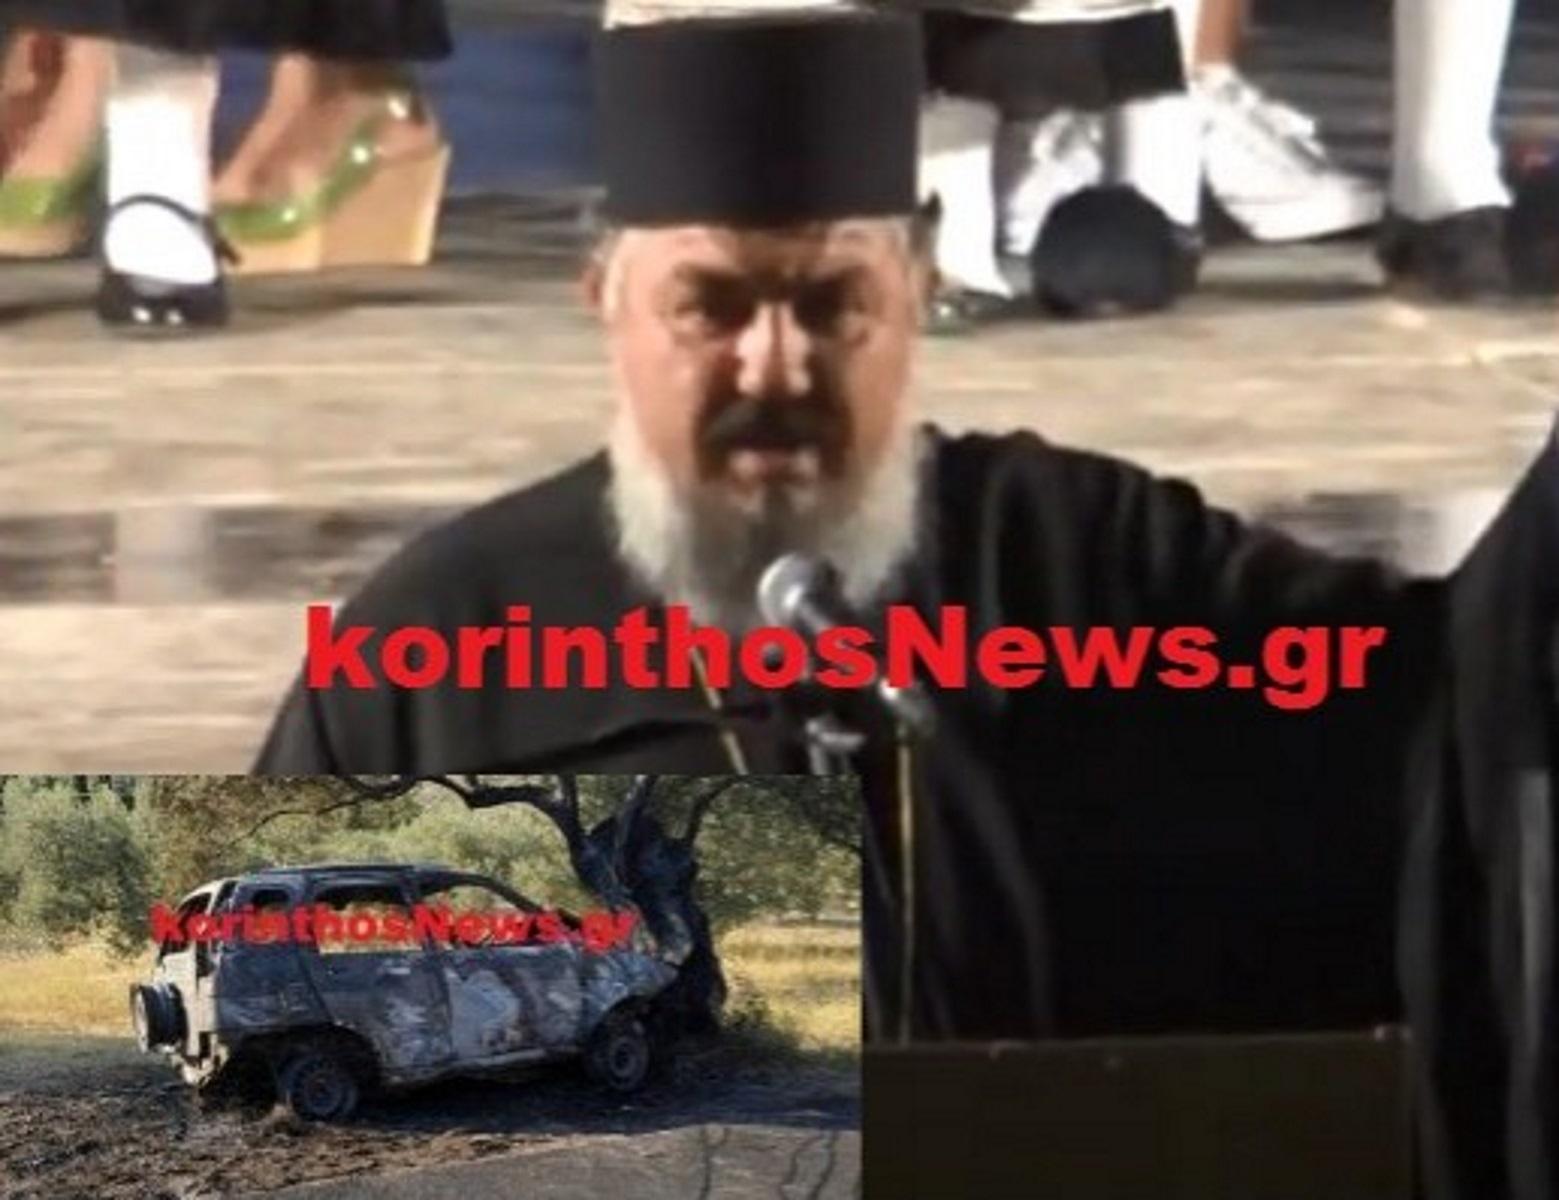 Θλίψη σε Κόρινθο και Κάρπαθο για τον ιερέα που βρέθηκε απανθρακωμένος στο αυτοκίνητο του